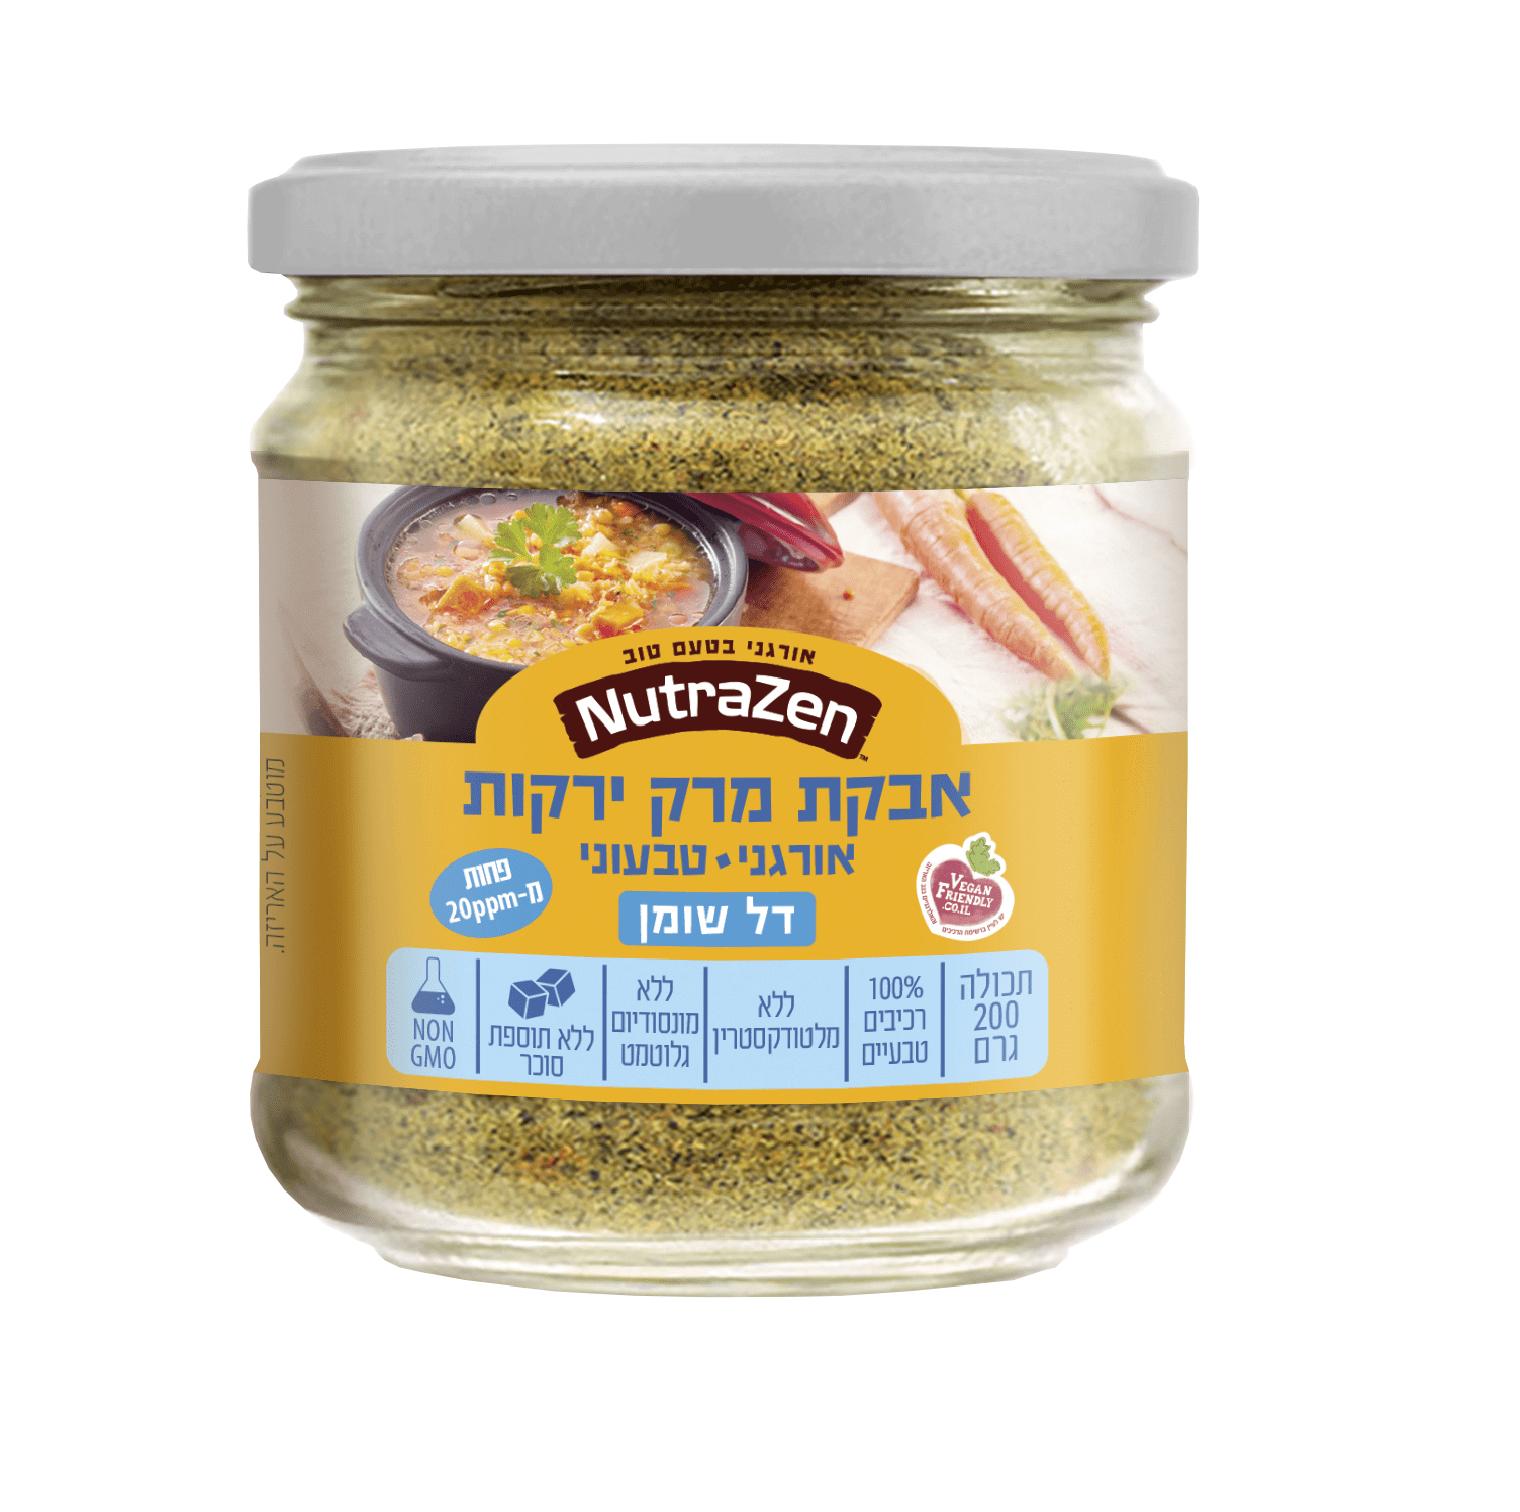 אבקת מרק ירקות דל שומן – נוטרה זן